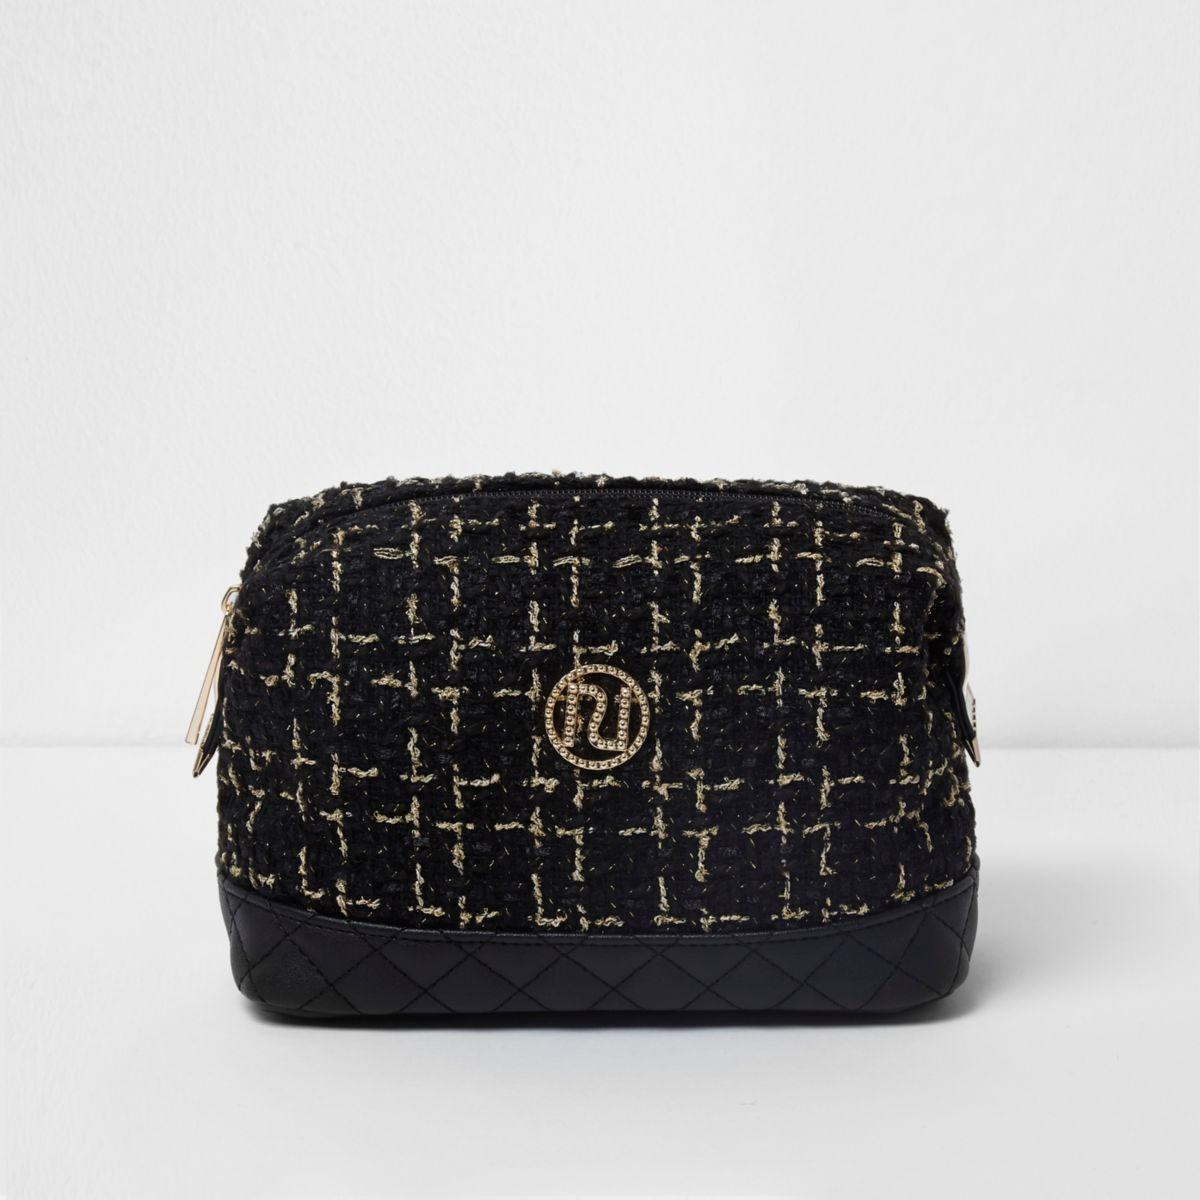 Black tweed makeup bag